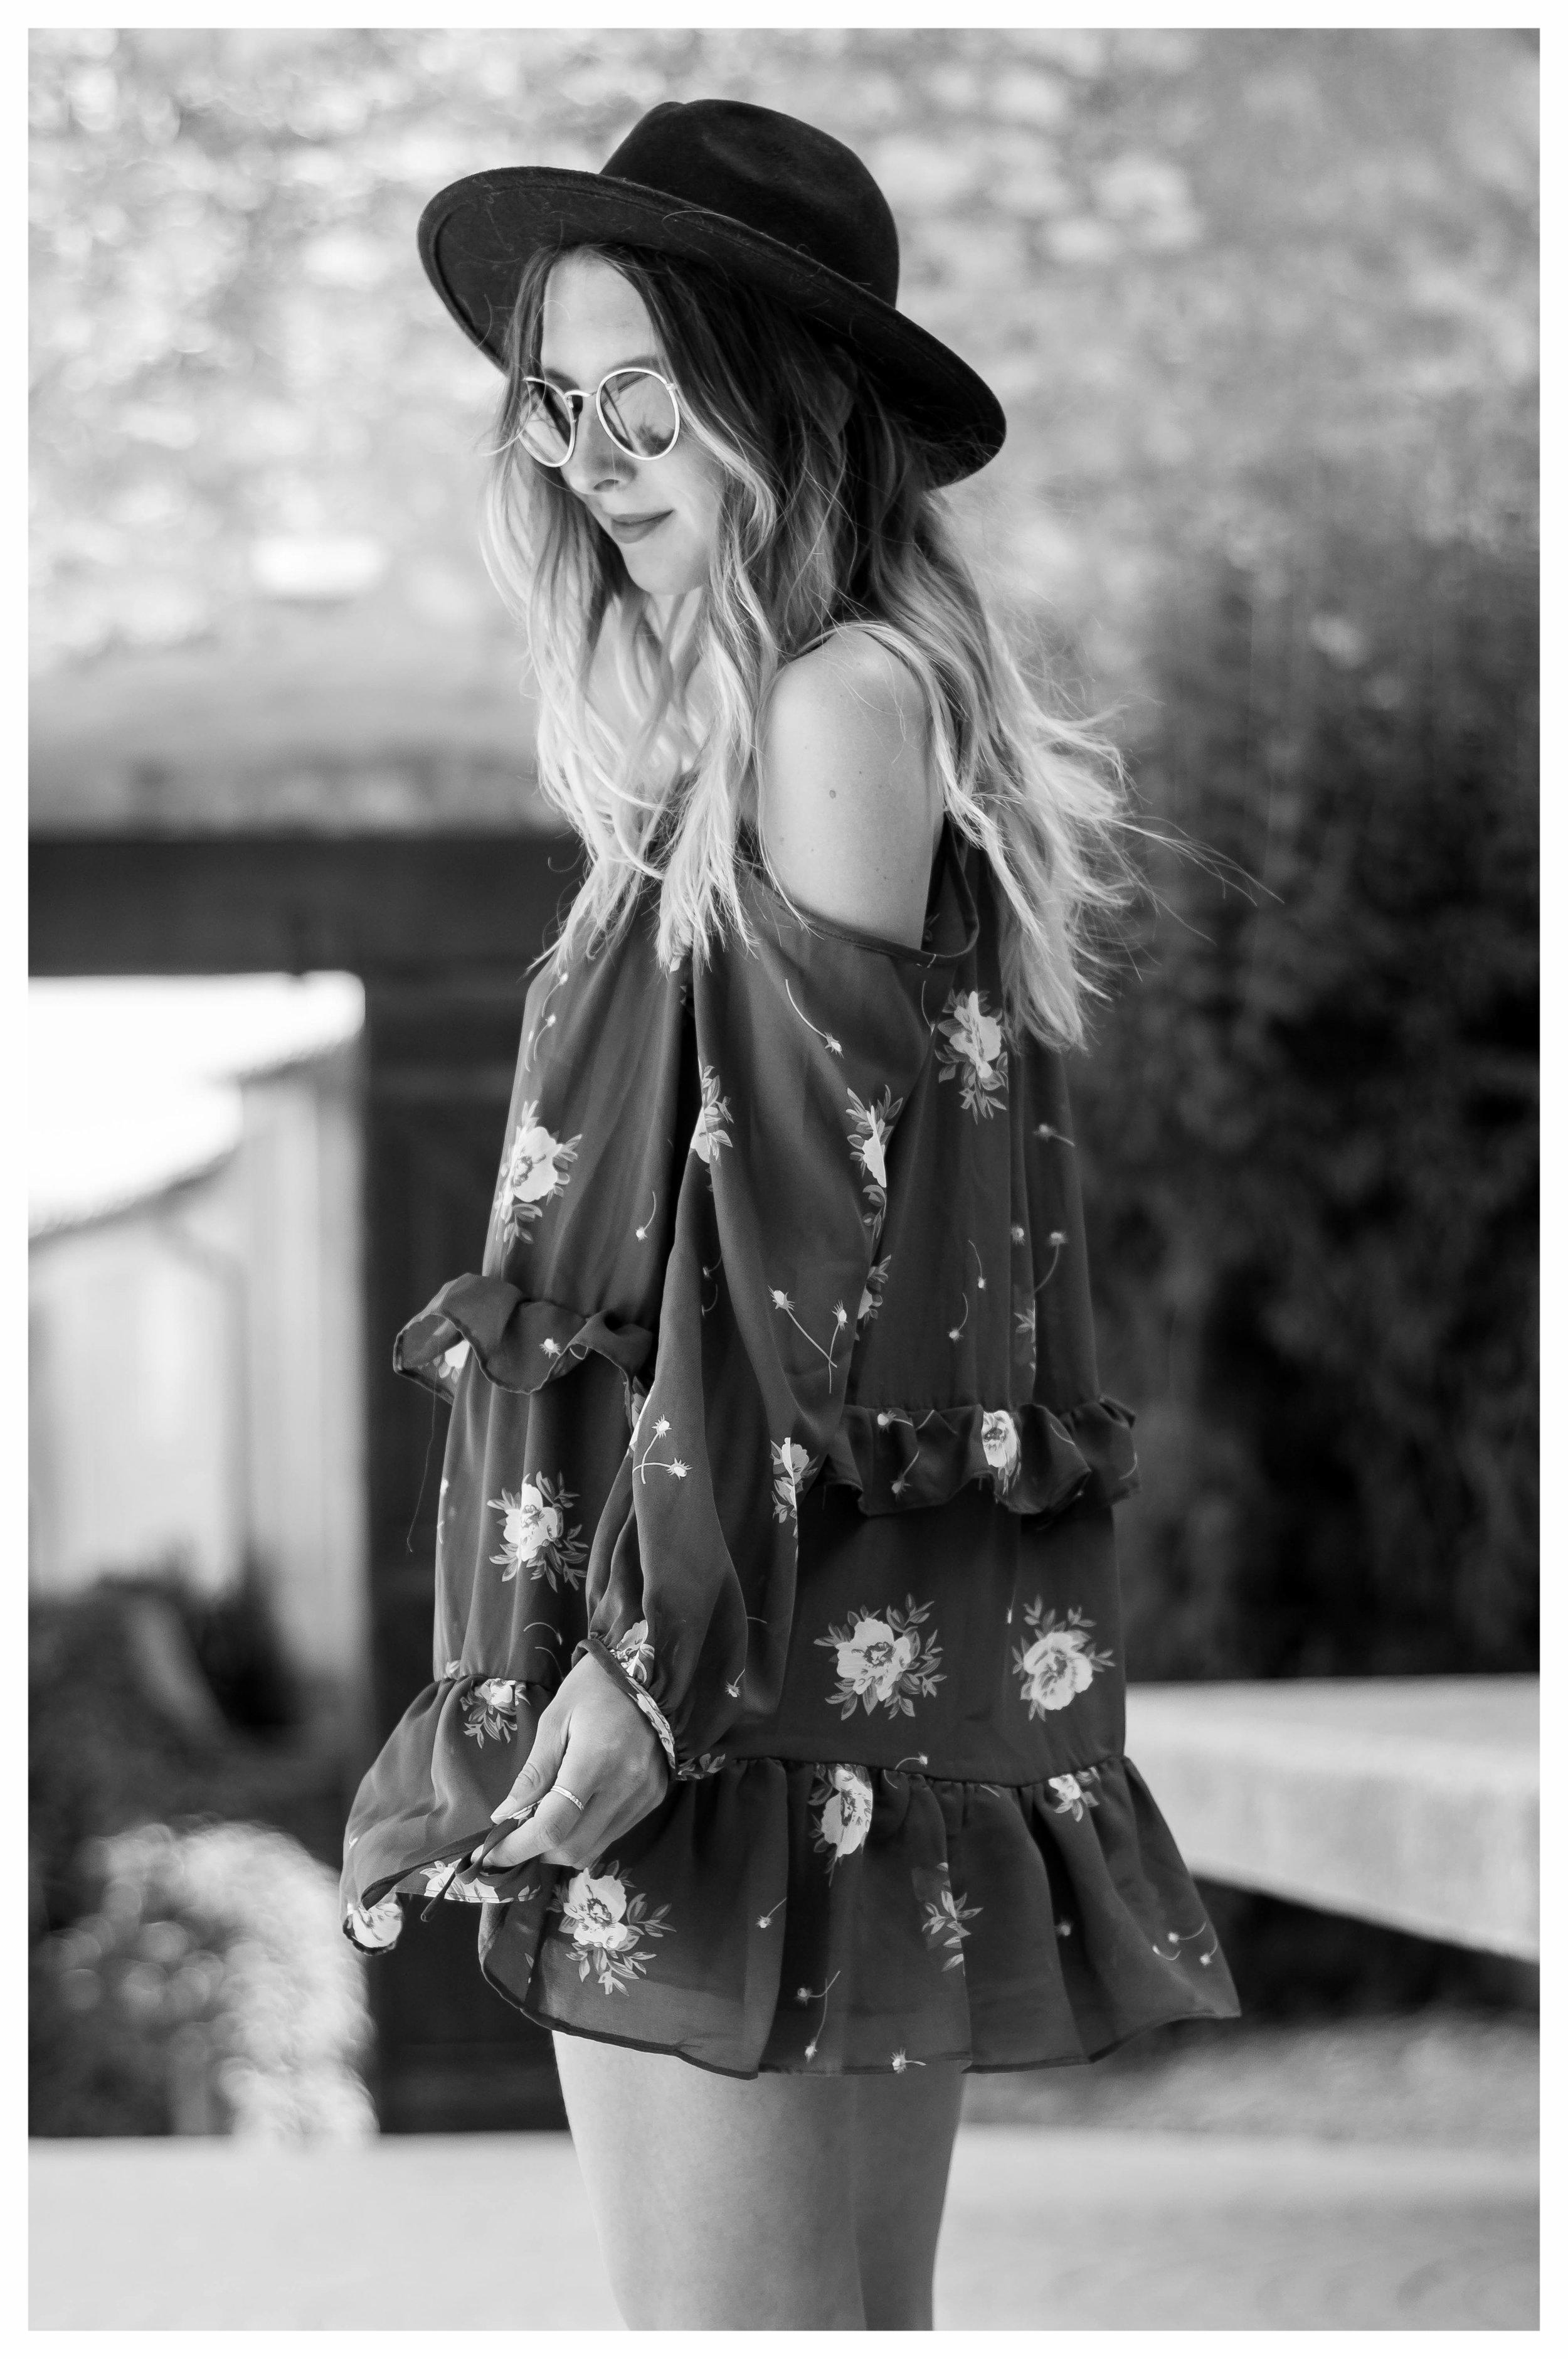 Cornillon Dress June - OSIARAH.COM (11 of 14).jpg